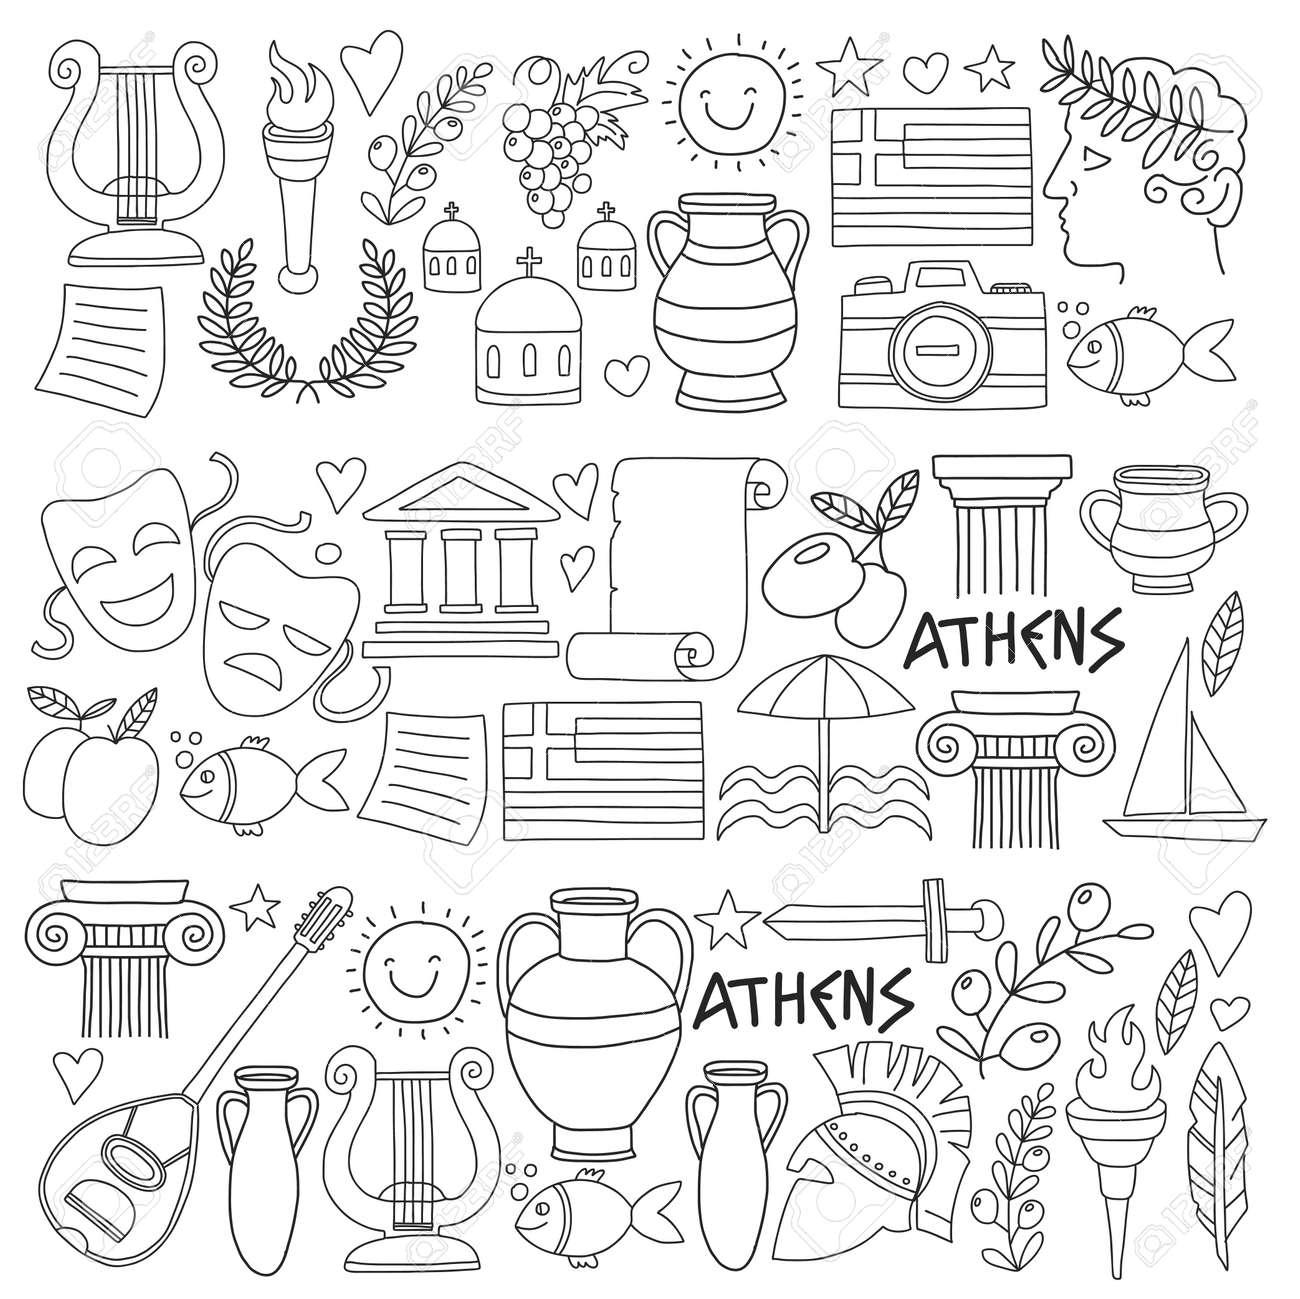 Antike Griechenland Vektor-Elemente Im Doodle-Stil Für Malvorlagen ...